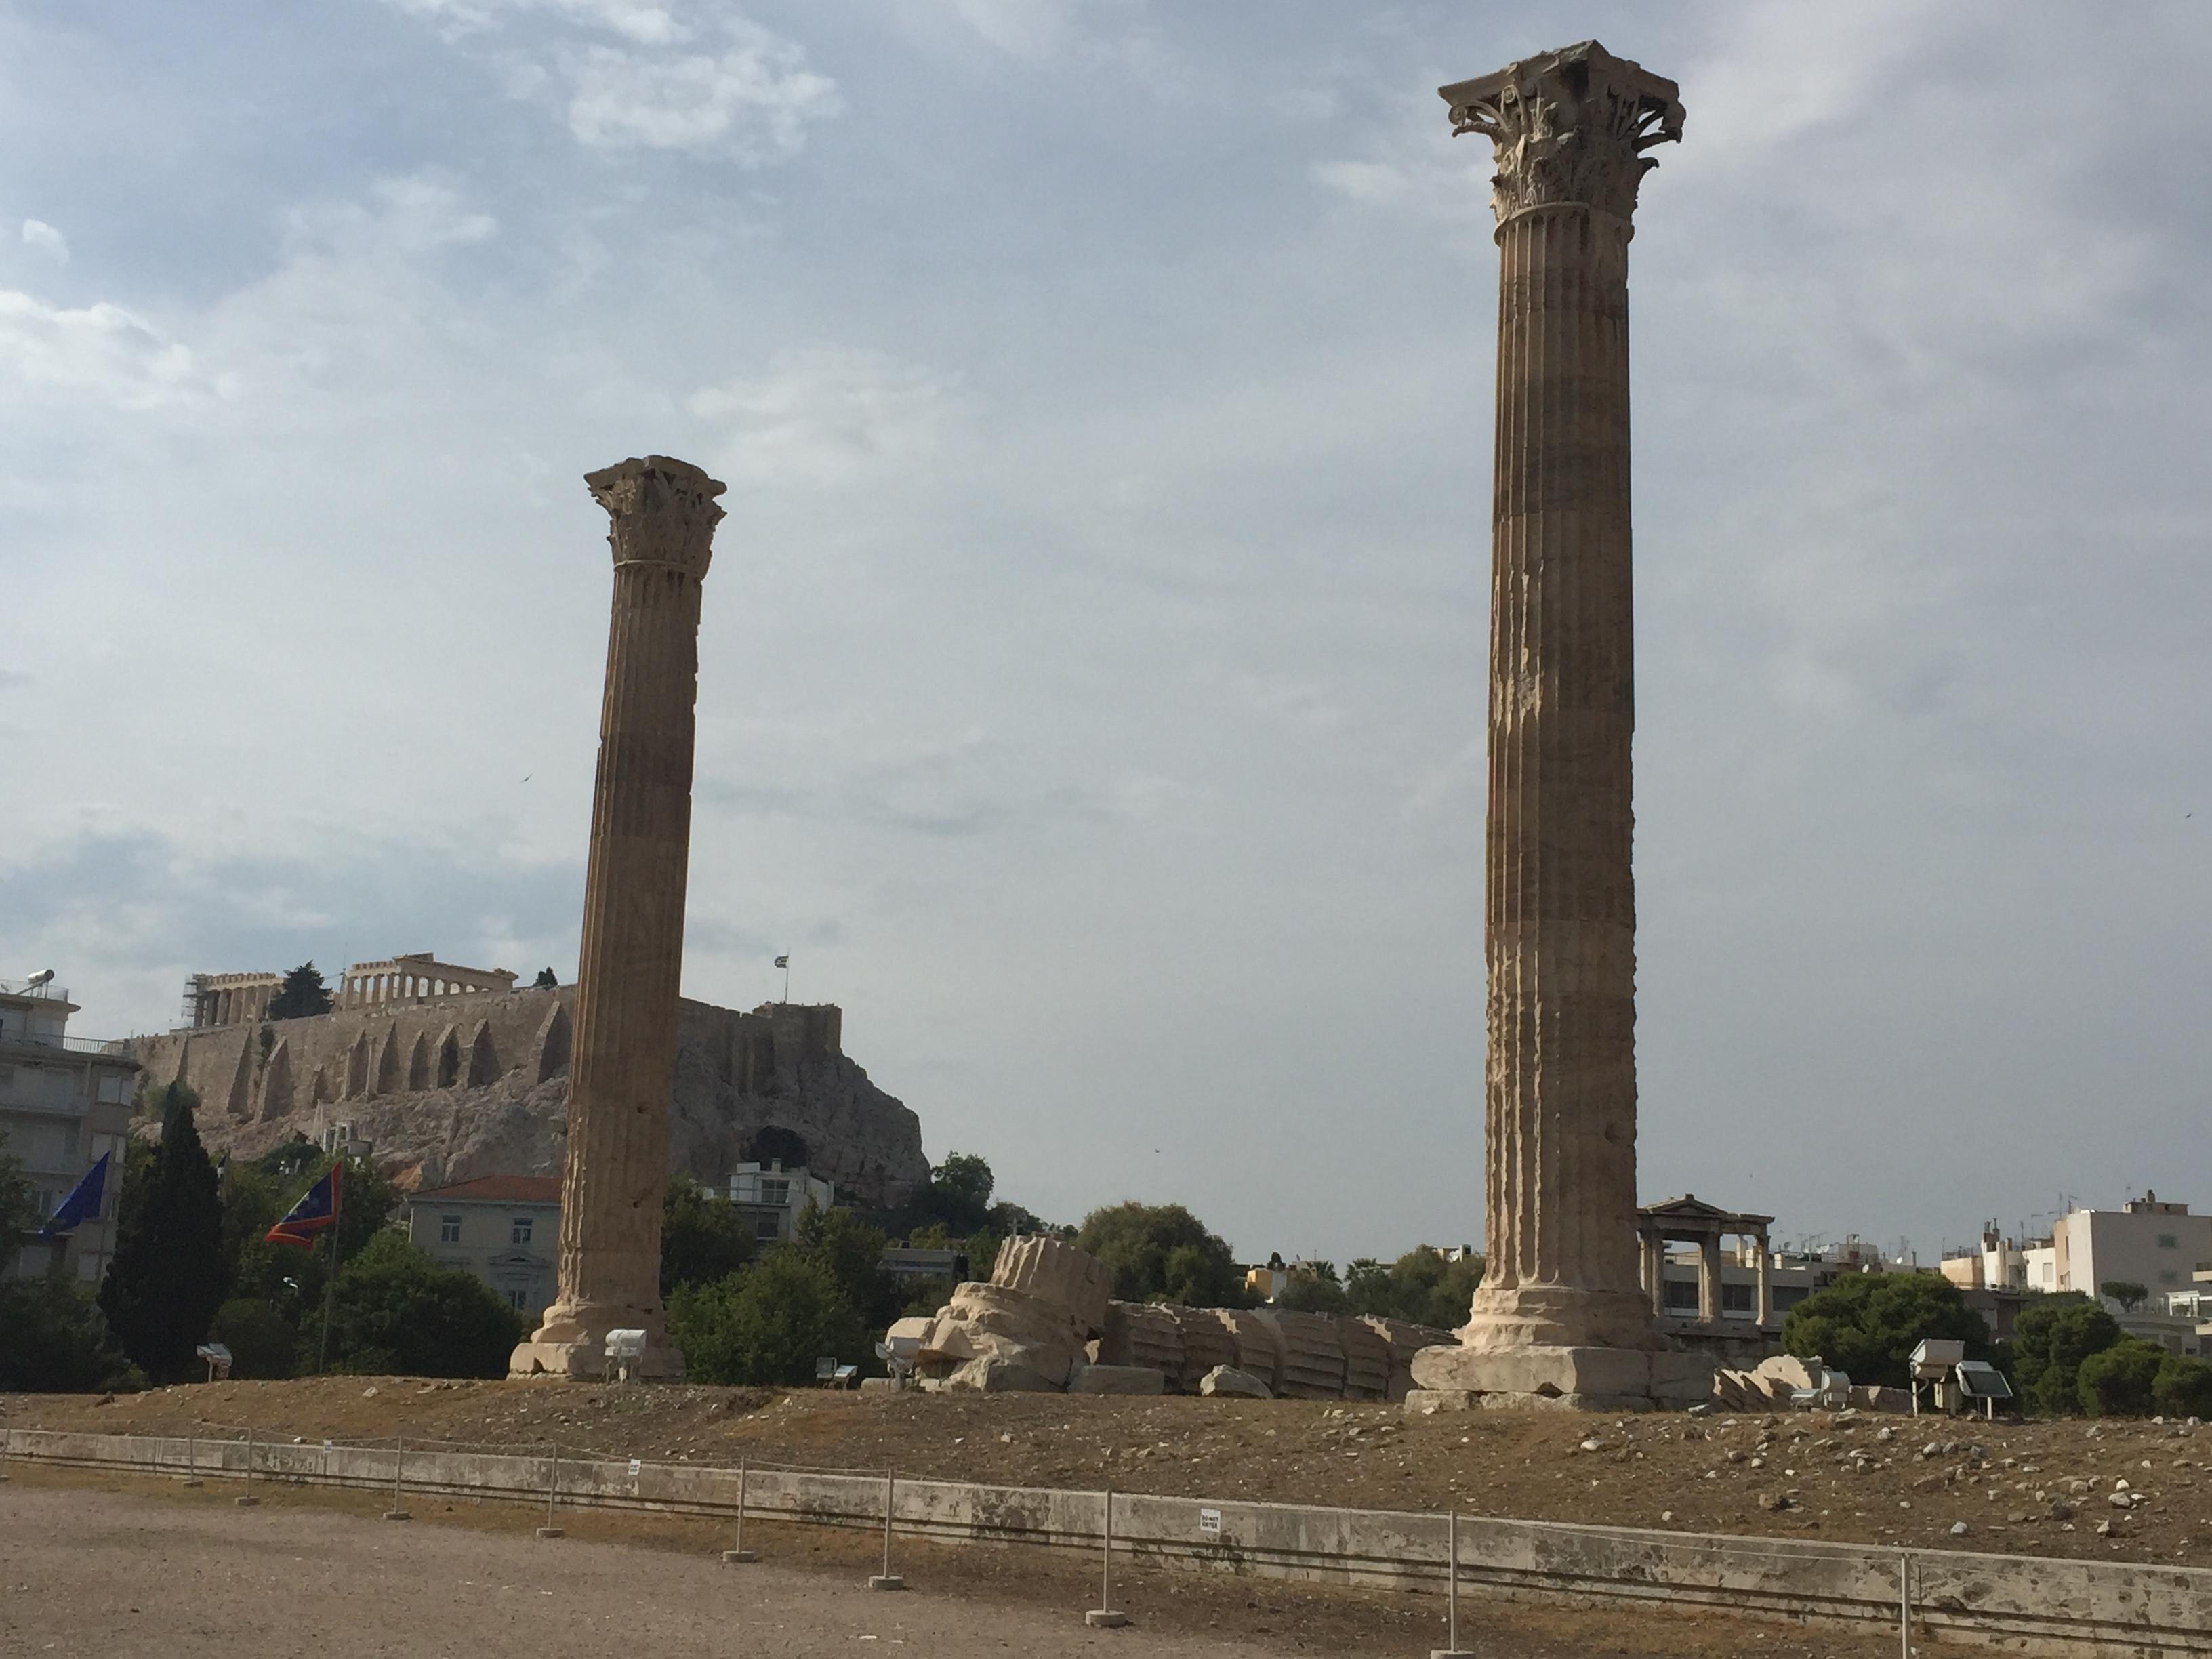 Column View - Alt Text